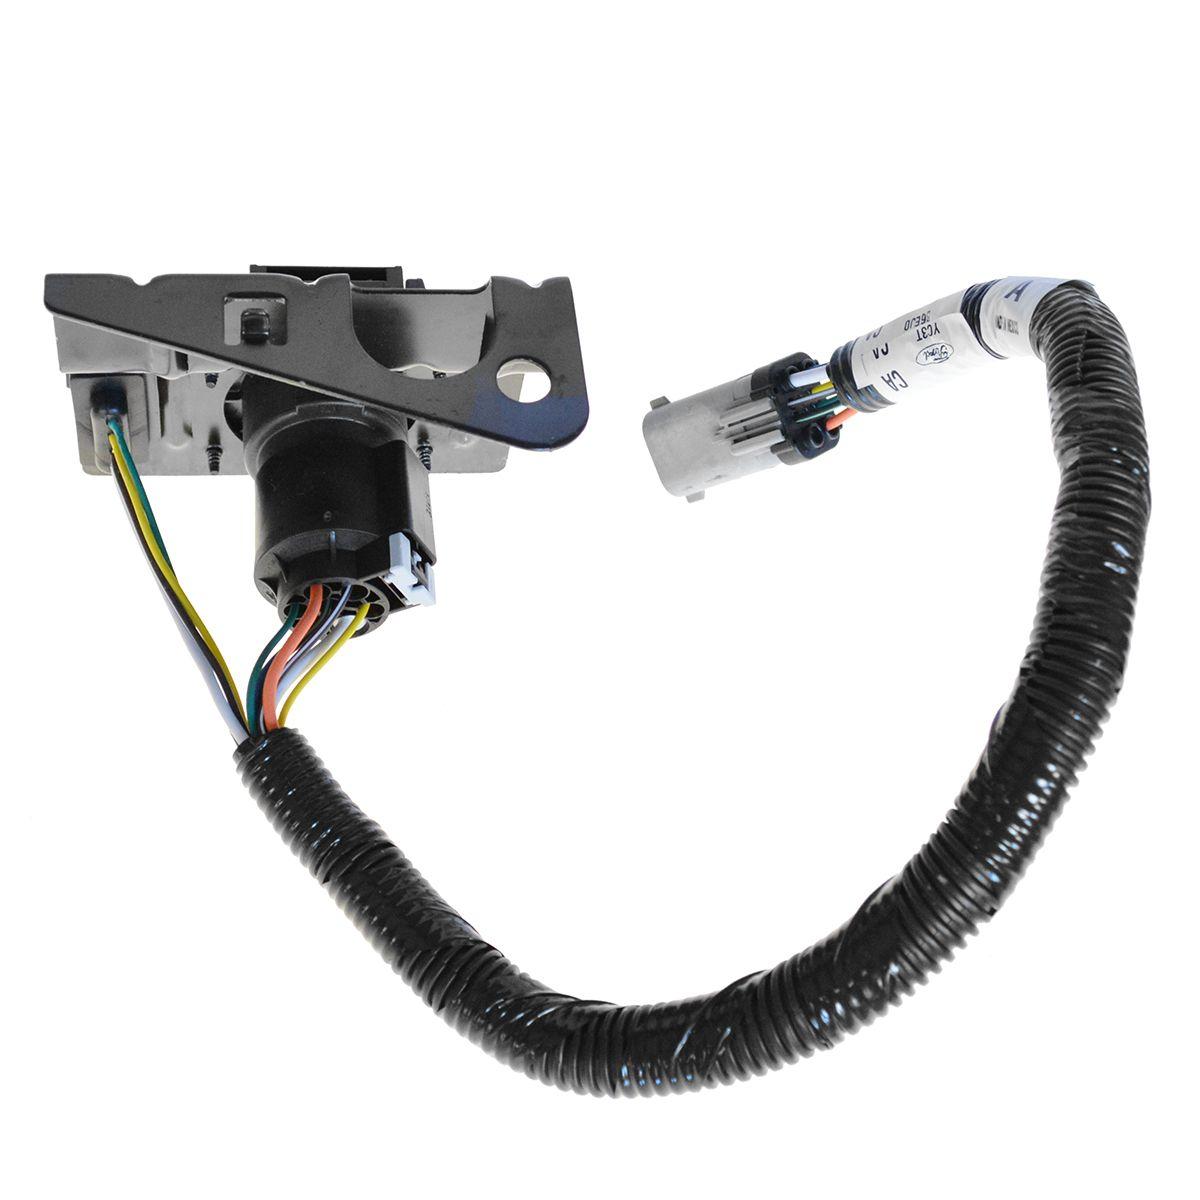 2001 ford f250 trailer plug wiring diagram 110 volt electrical super duty